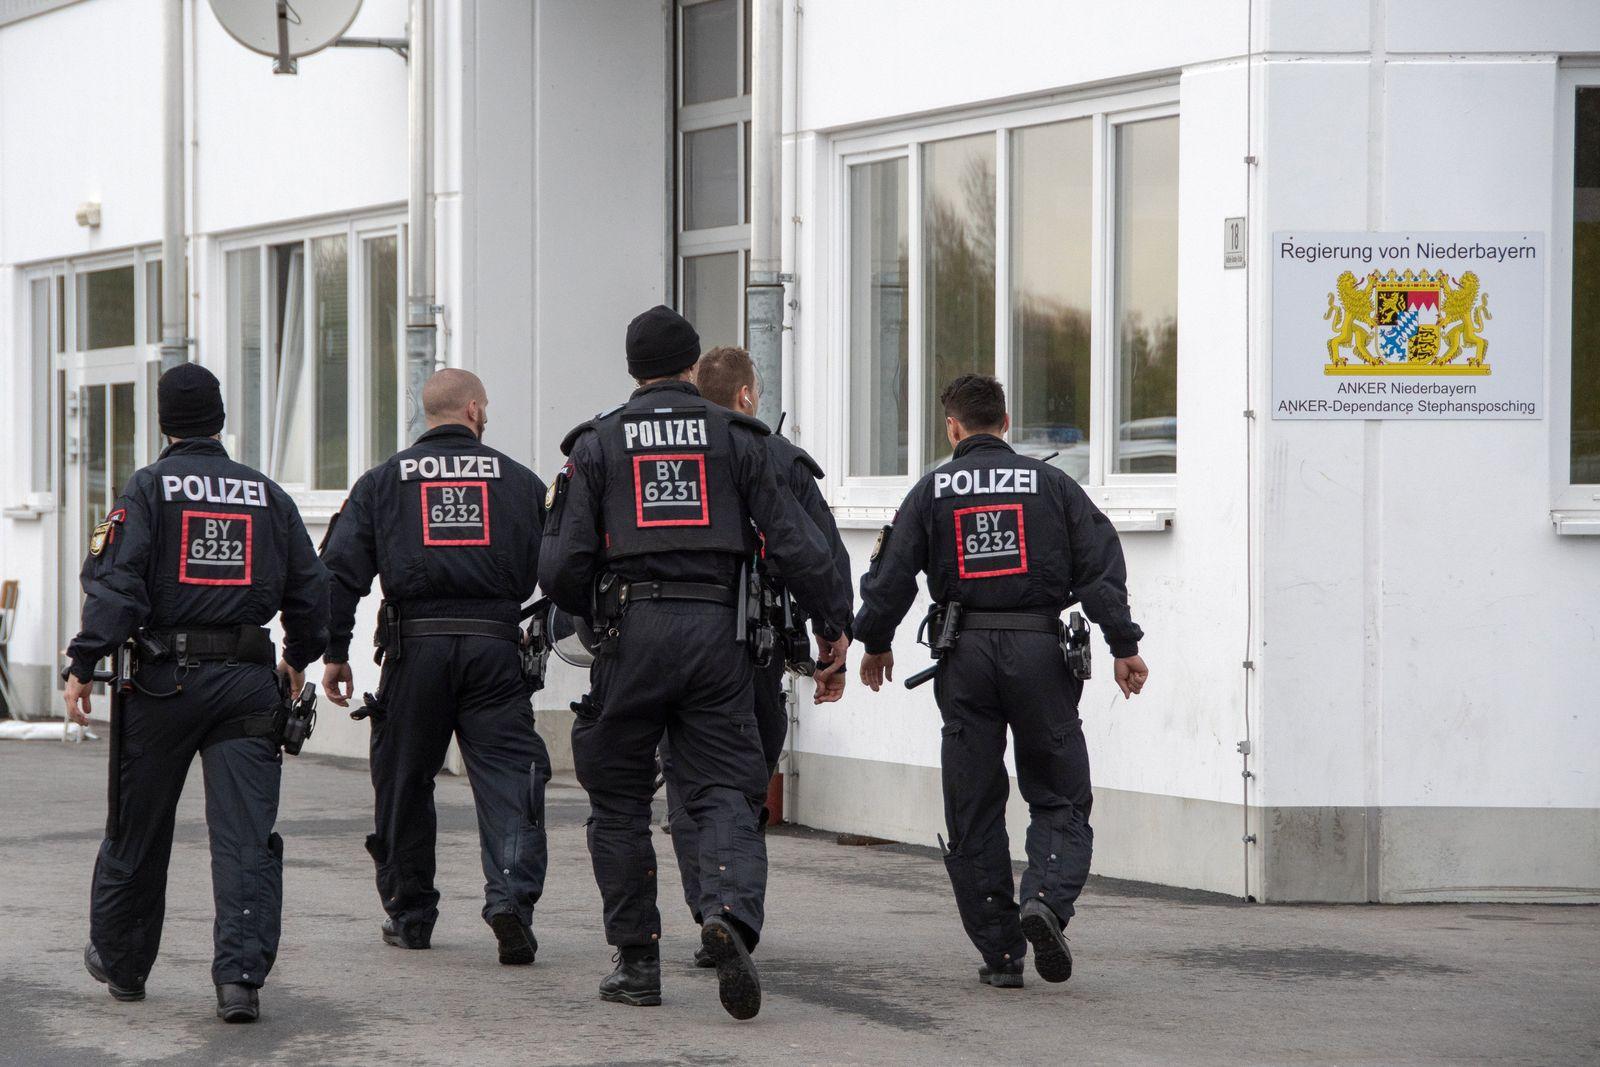 Polizeieinsatz in Flüchtlingsunterkunft eskaliert